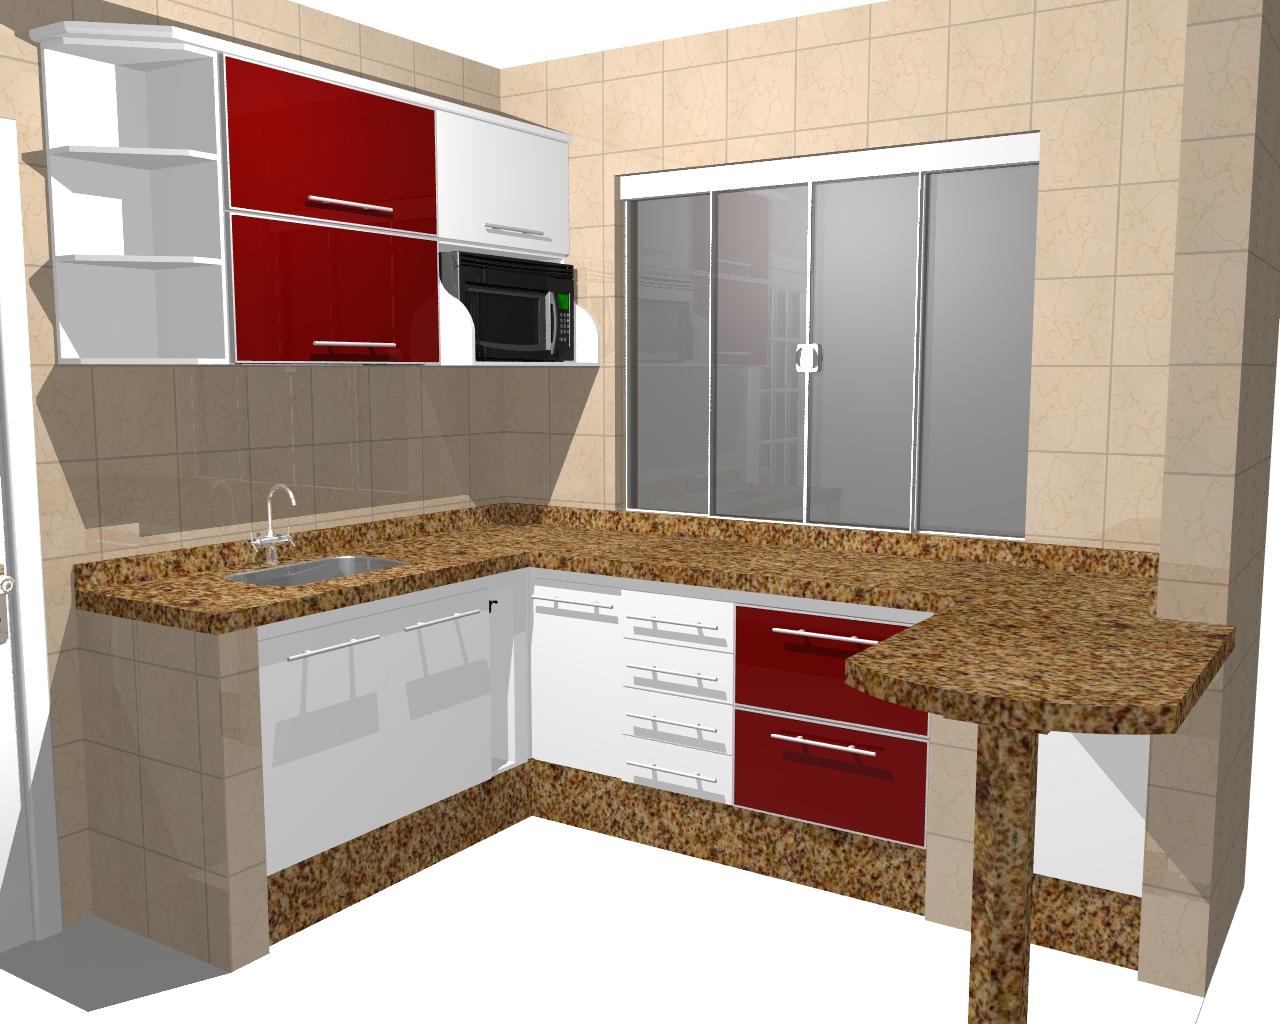 Queridas ideias: Ideias novas para minha nova cozinha #056C05 1280 1024